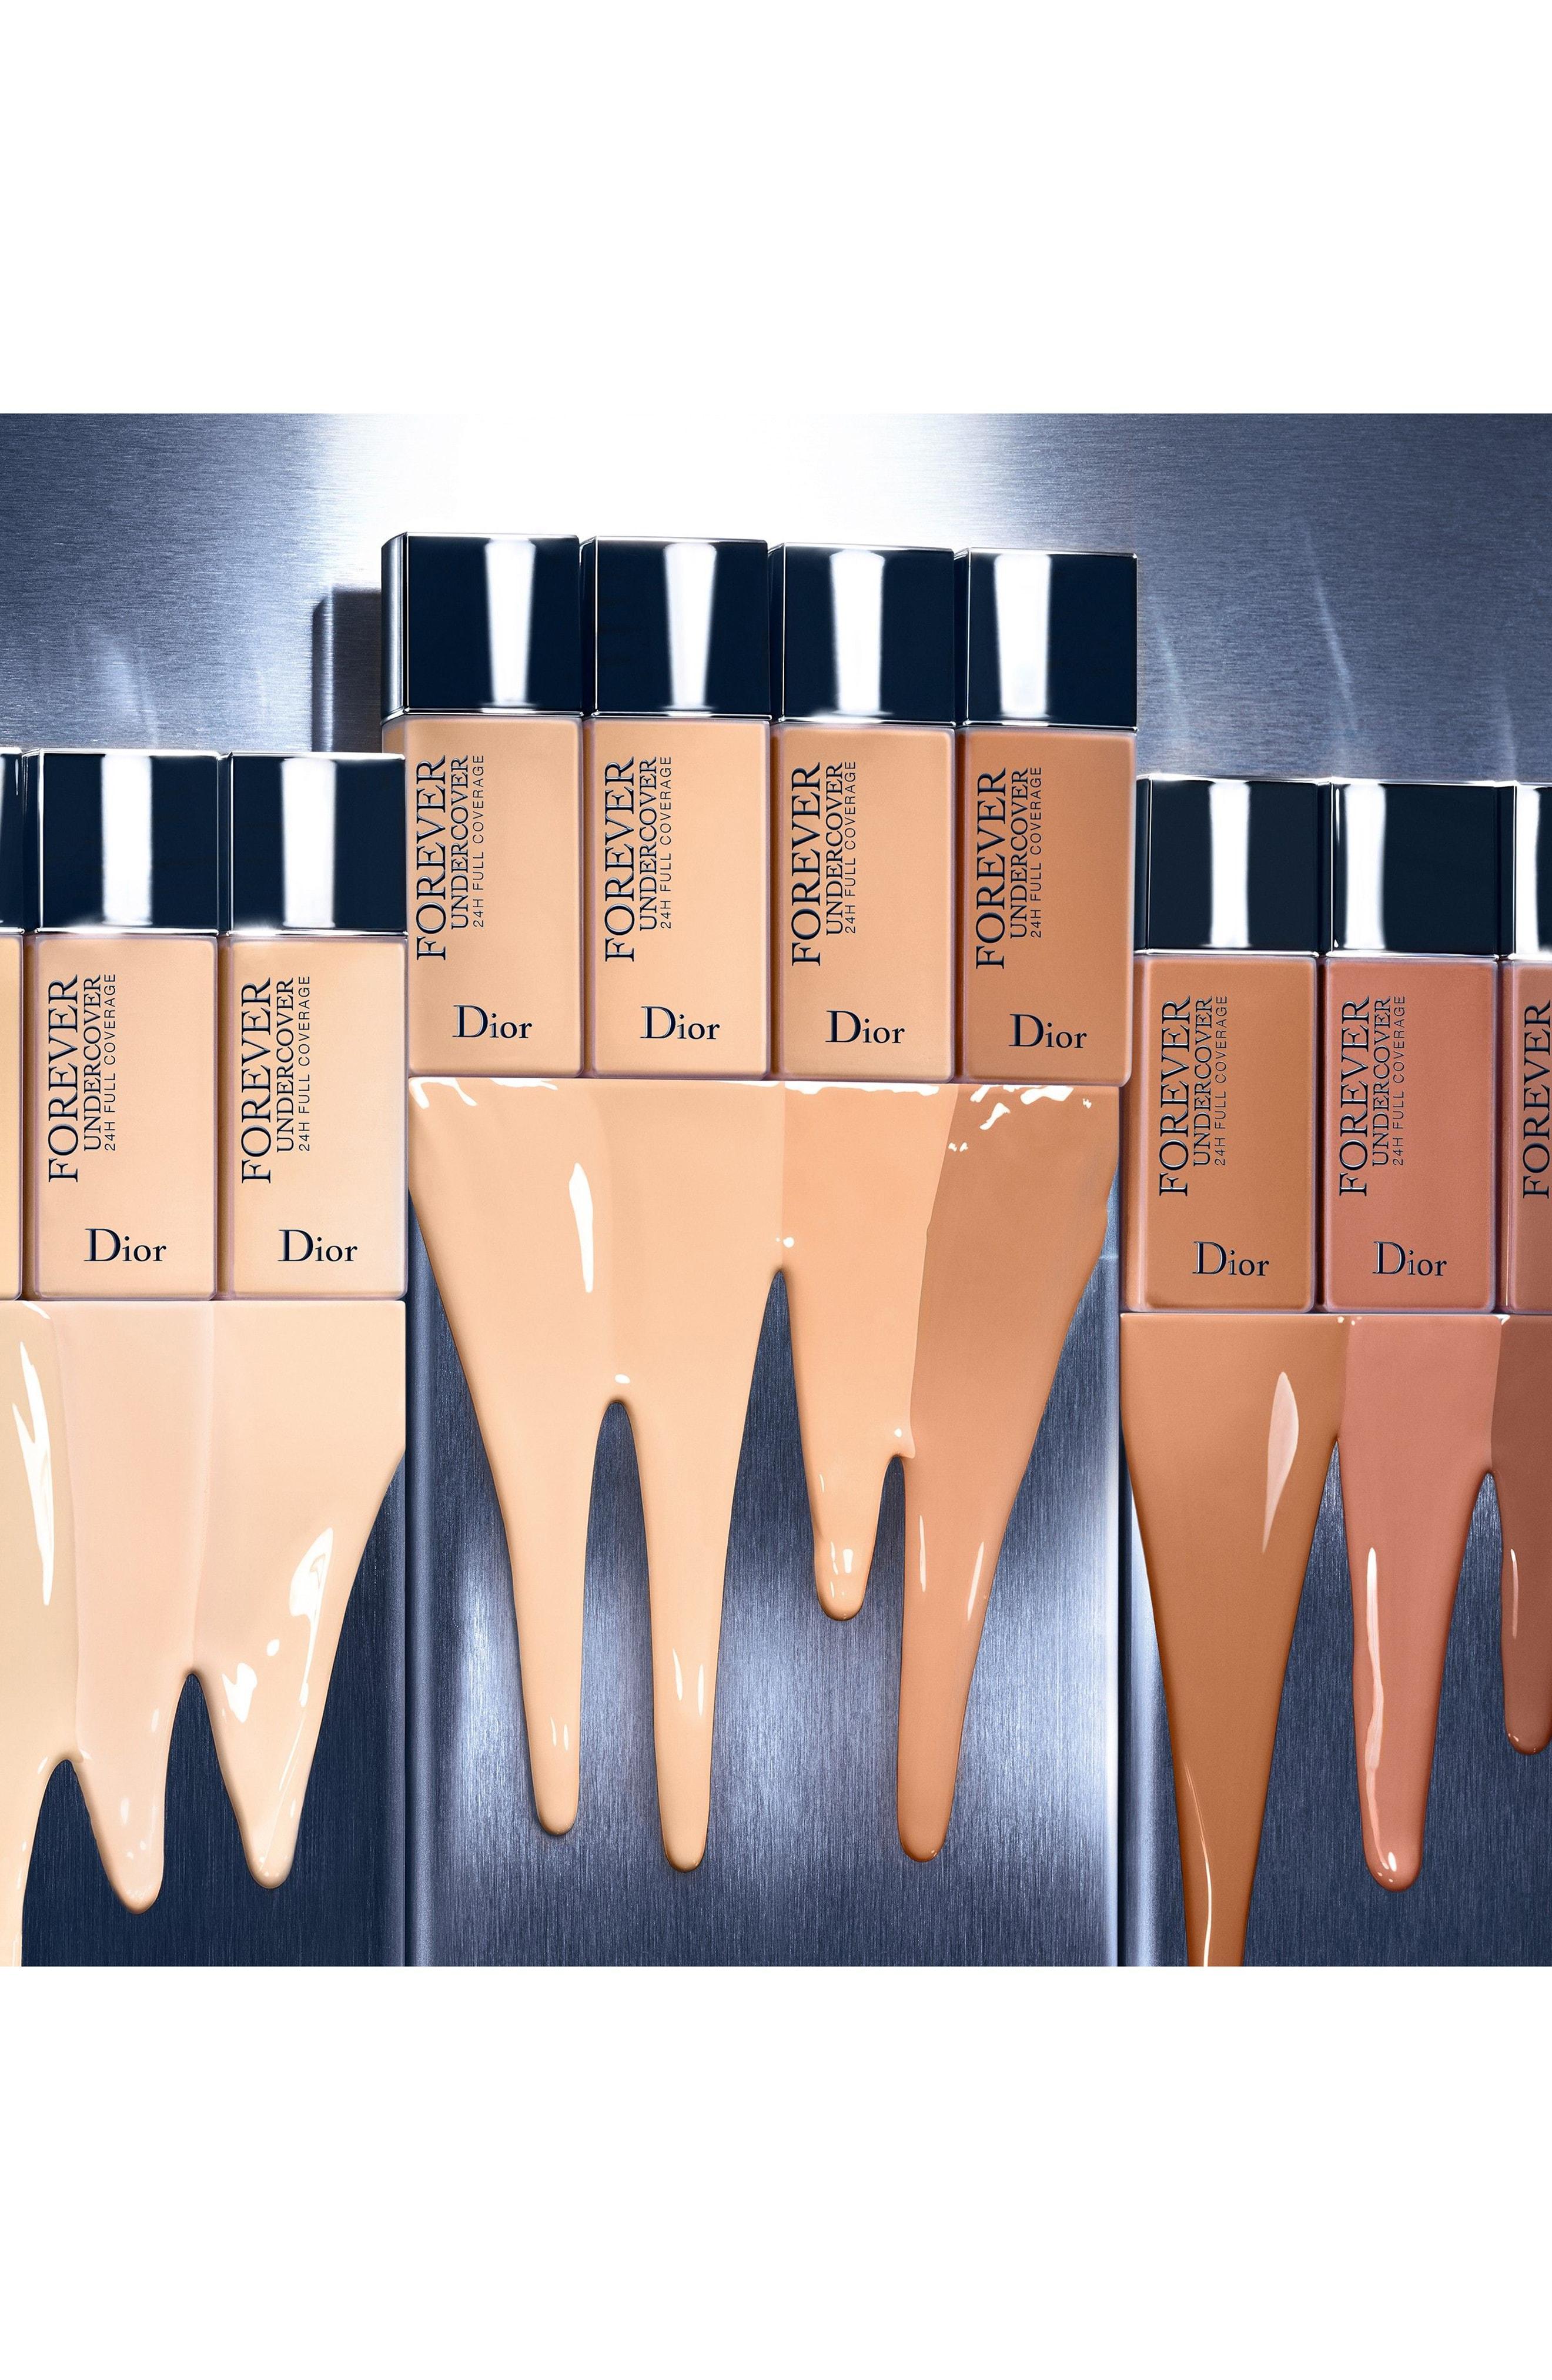 Dior Skin Forever Undercover Foundation 050 Dark Beige 1.3 Oz/ 40 Ml